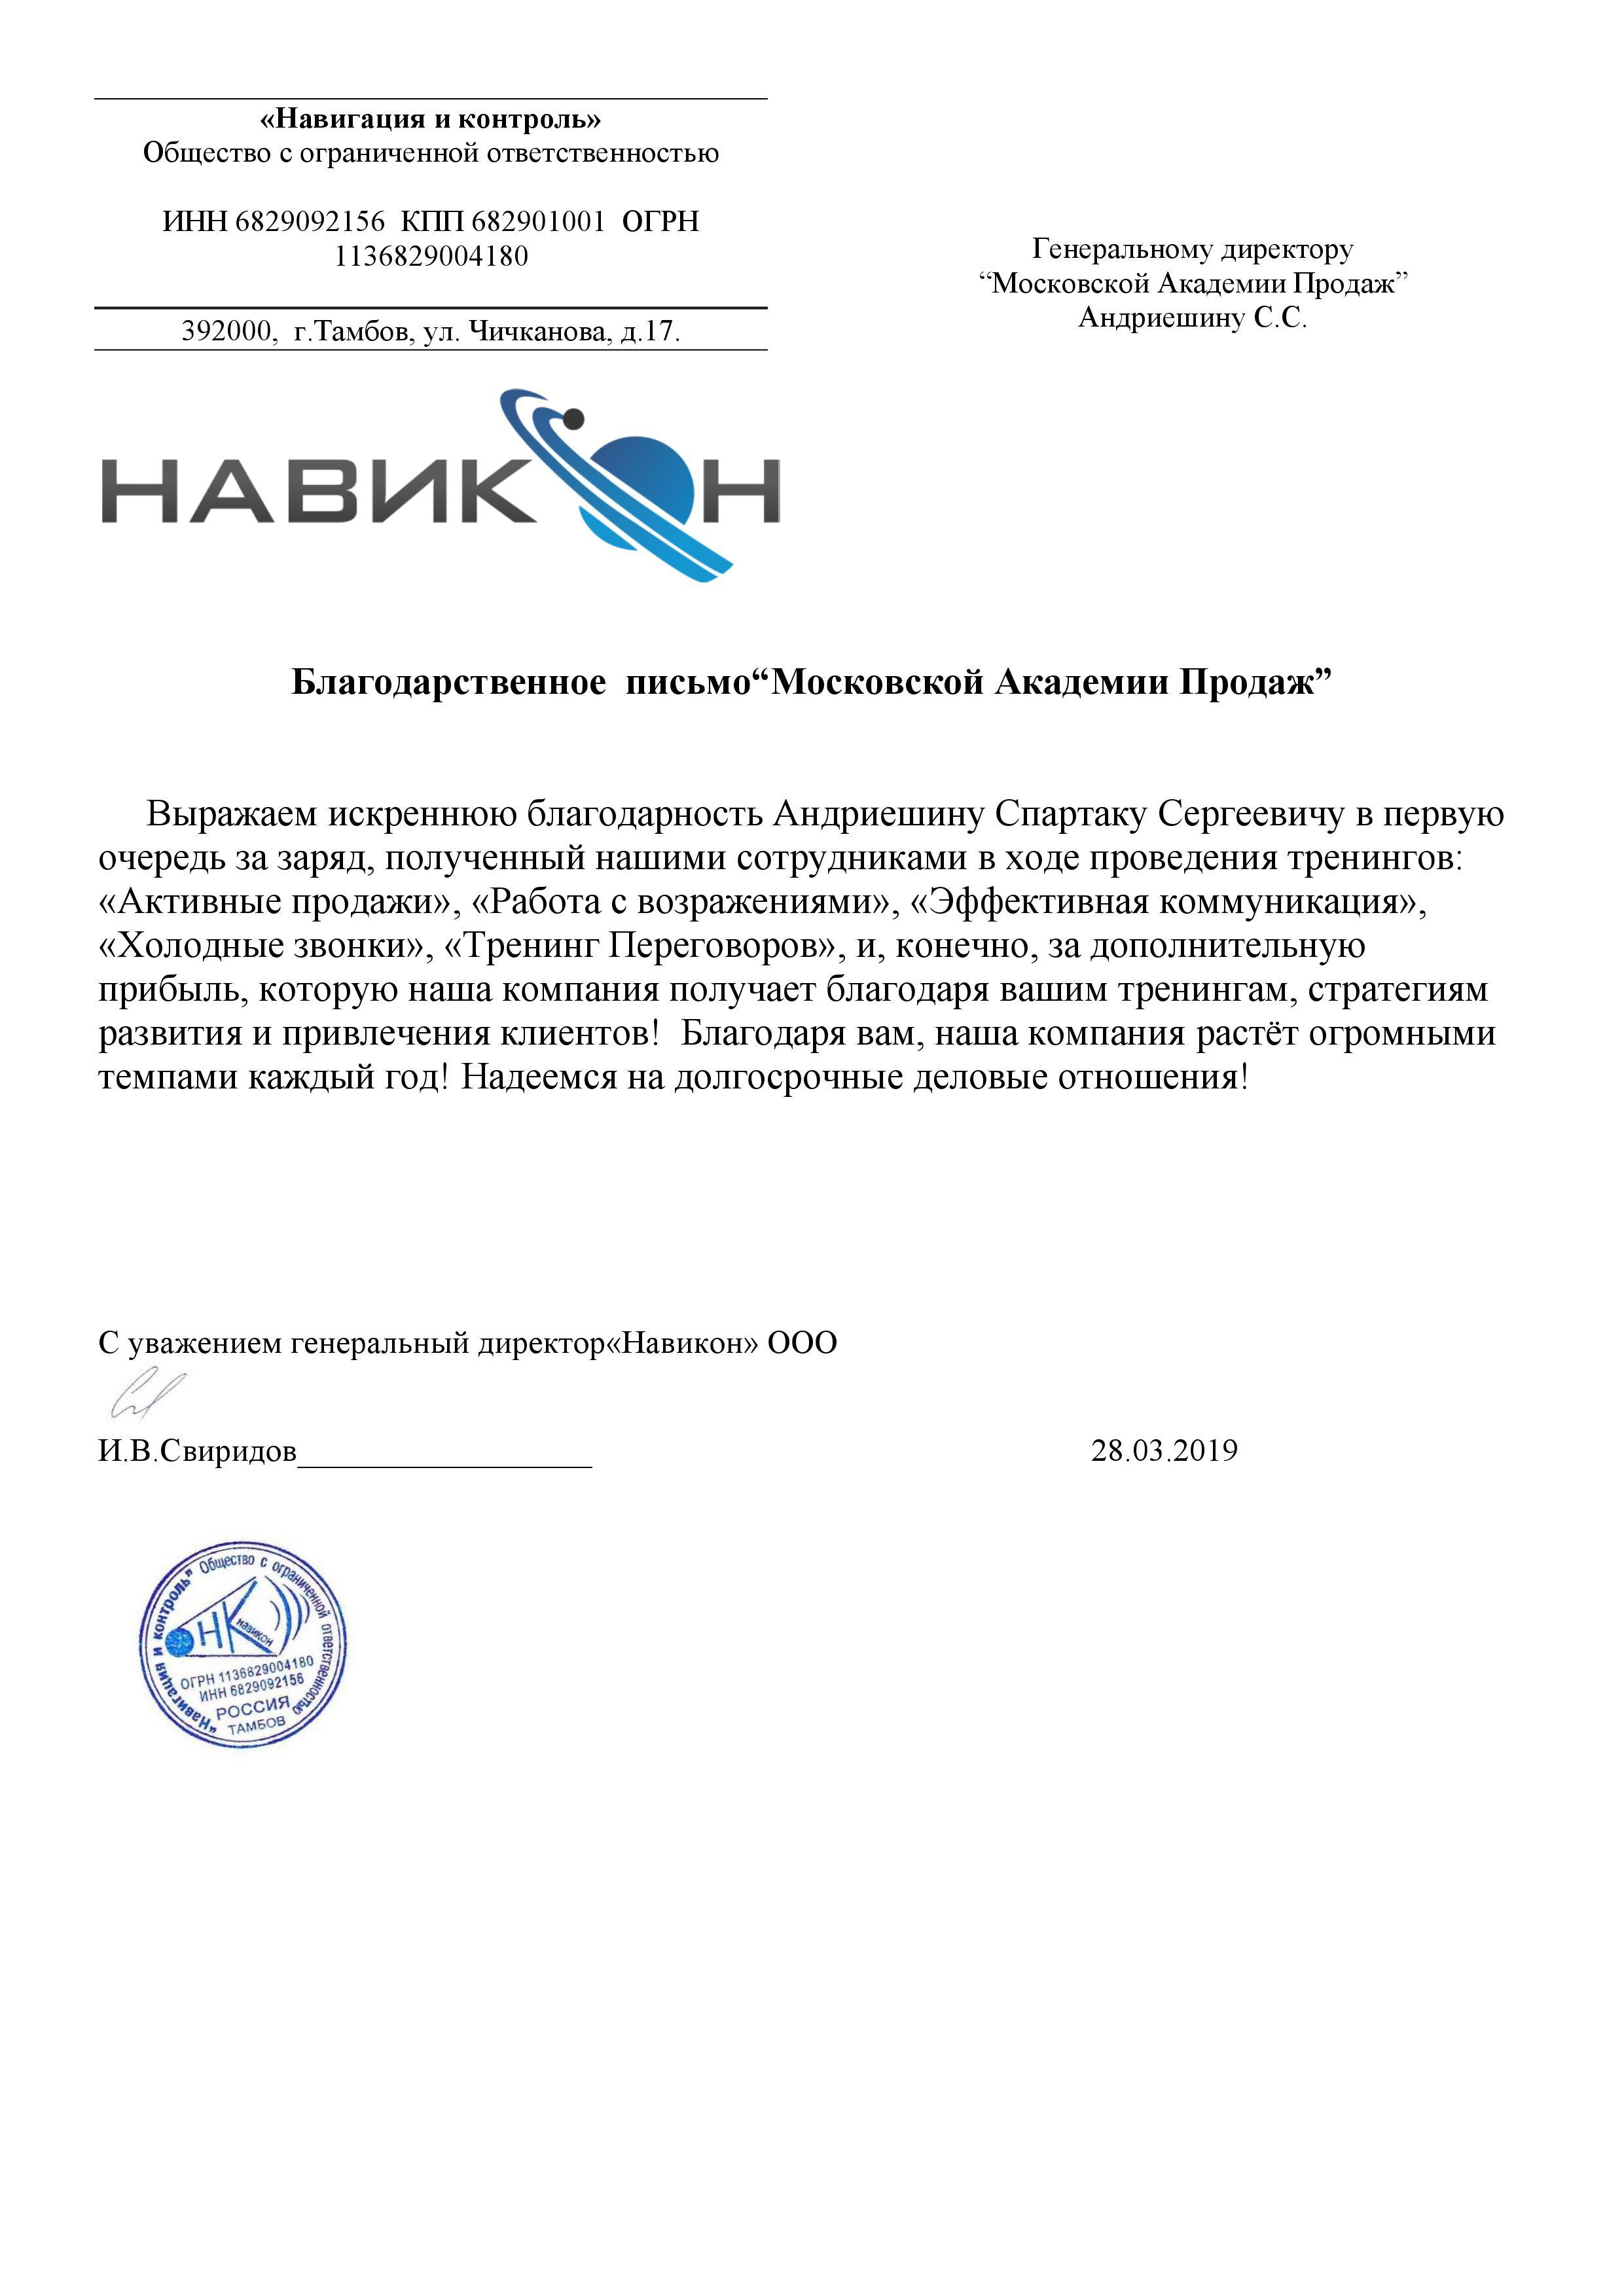 московская академия продаж отзыв